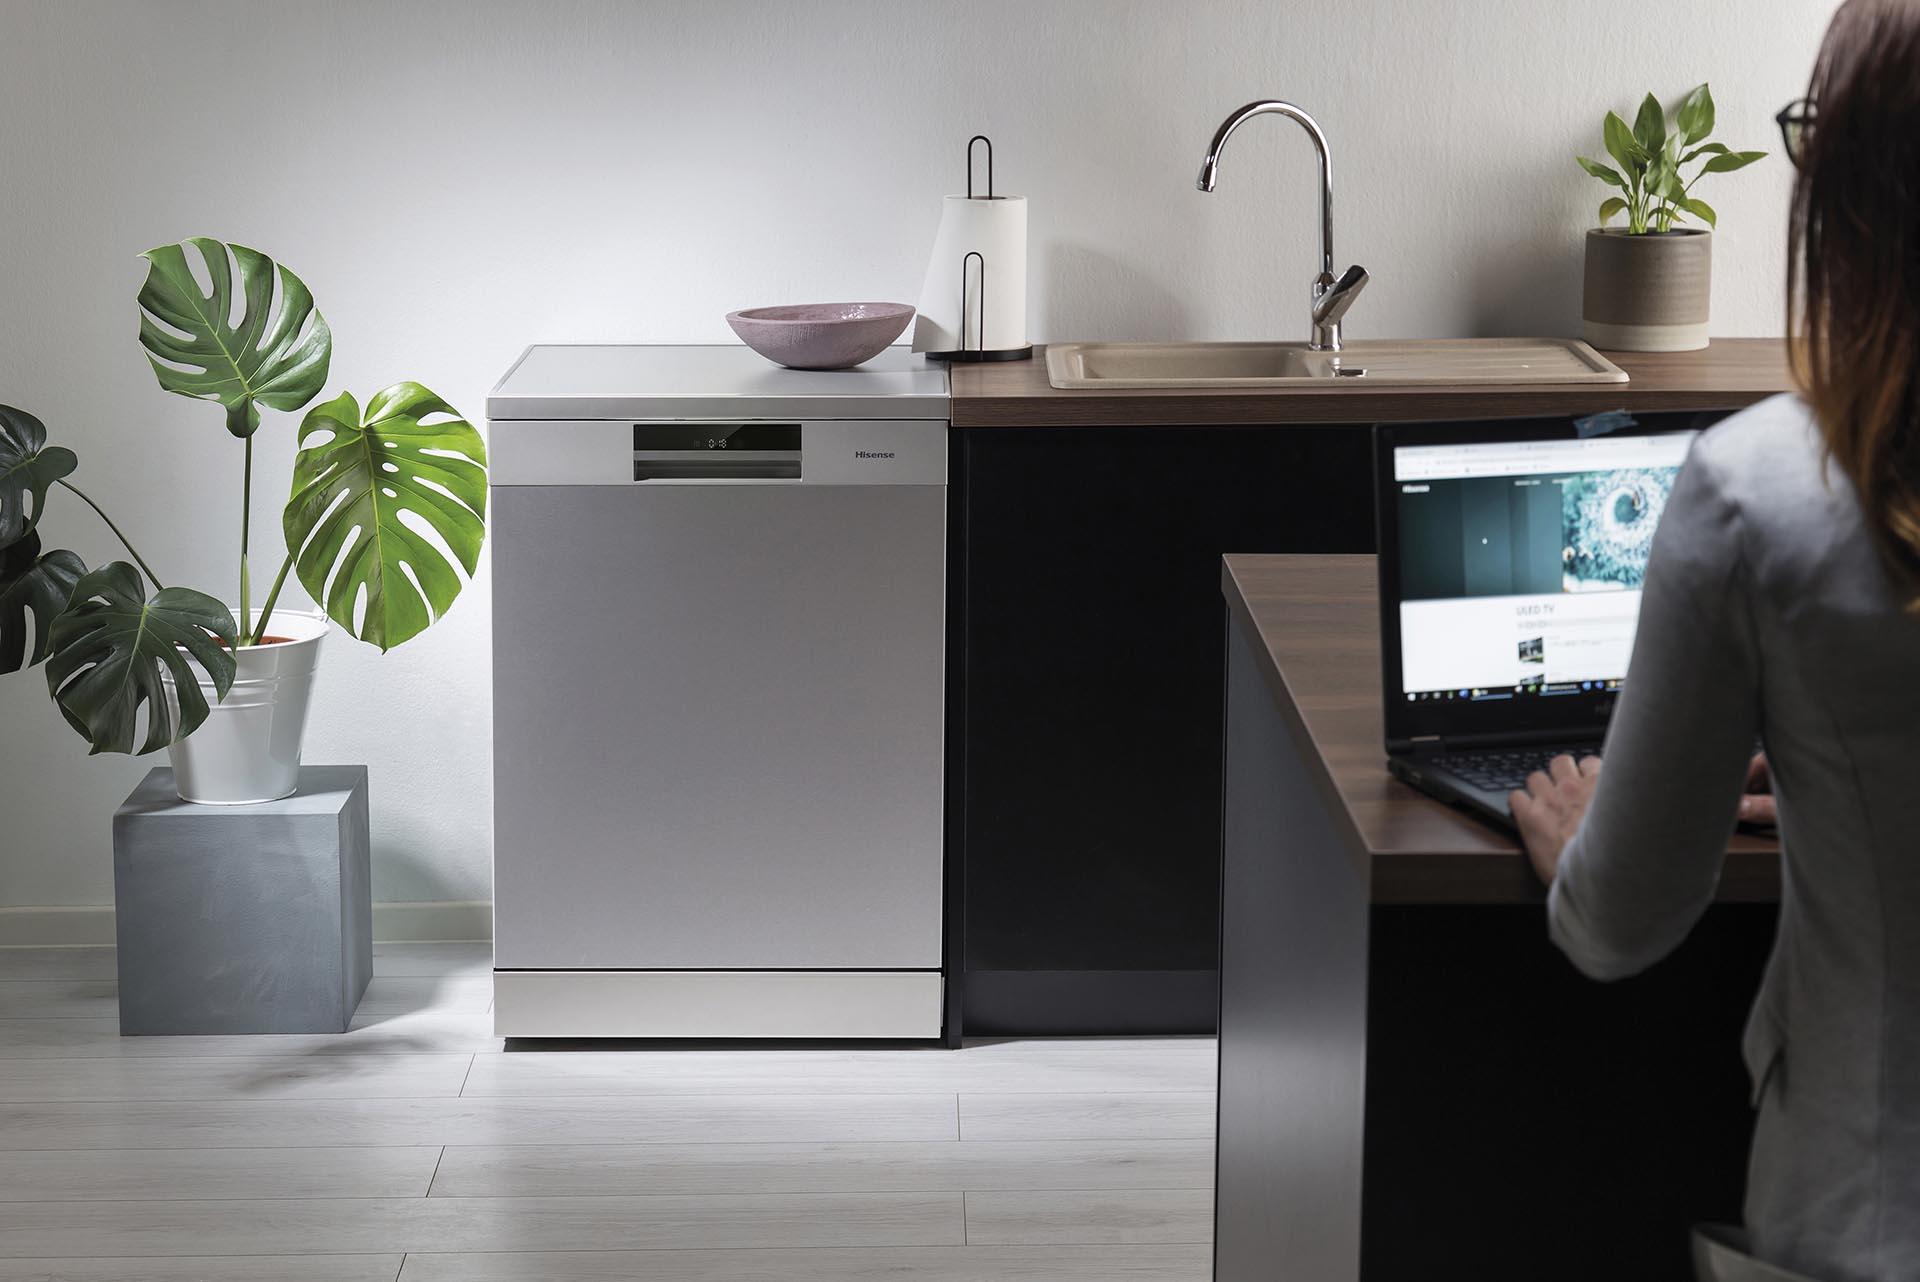 Máquina de lavar loiça HV651C60